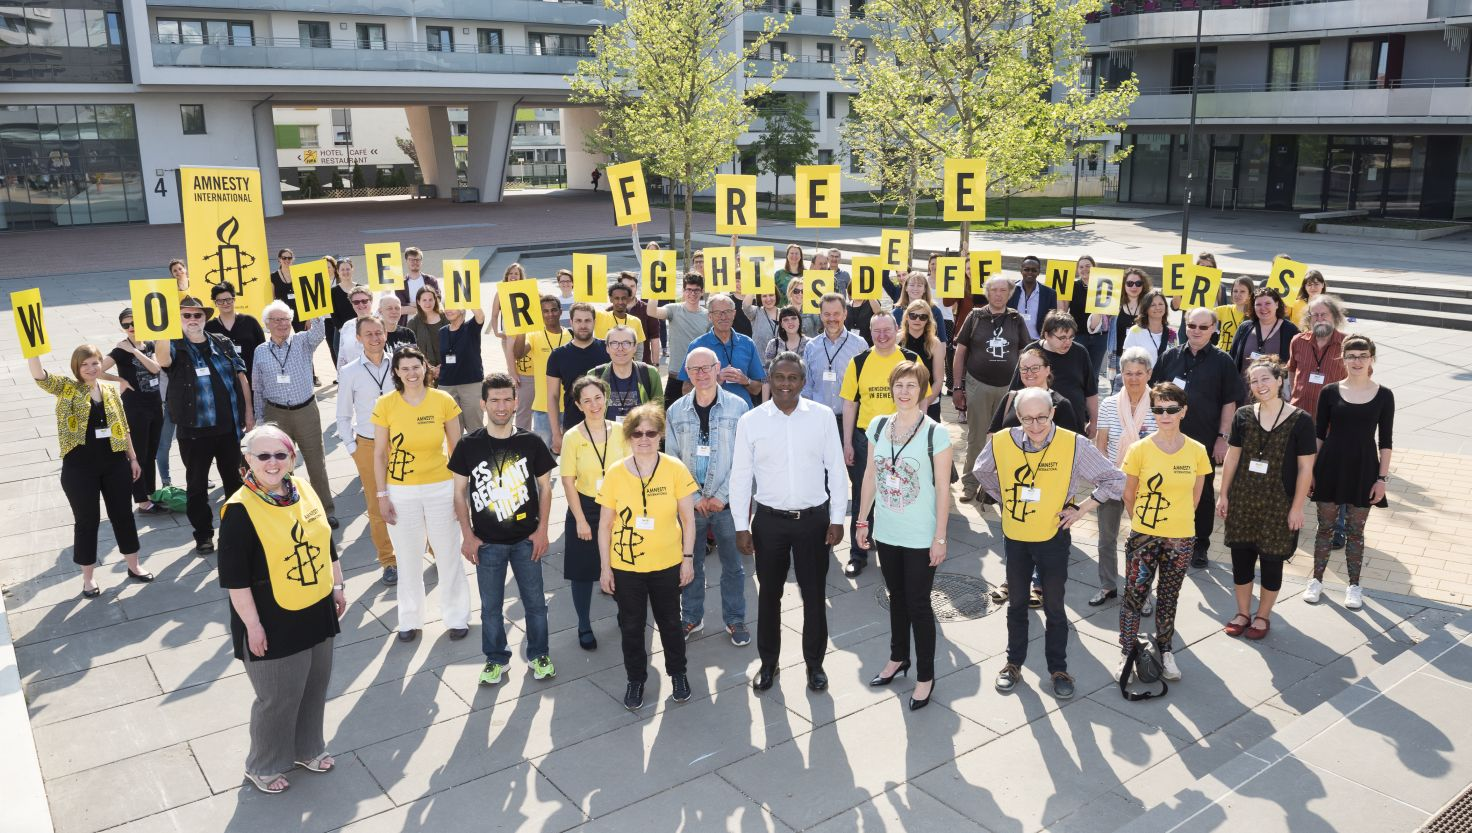 Aktion Mitgliederversammlung 2018 in Wien | © Amnesty International/Christoph Bartylla